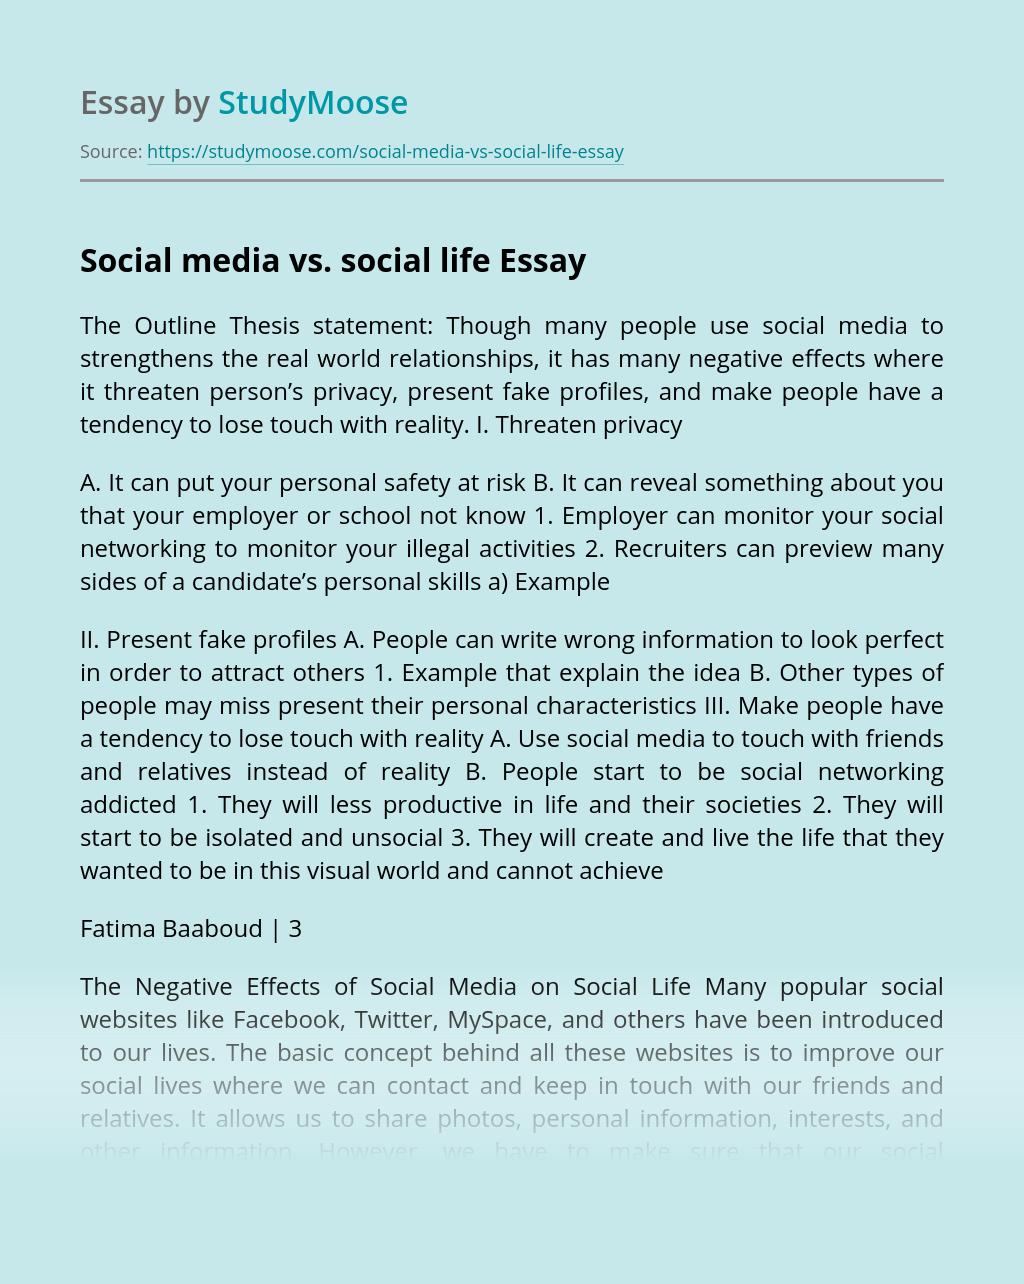 Social media vs. social life